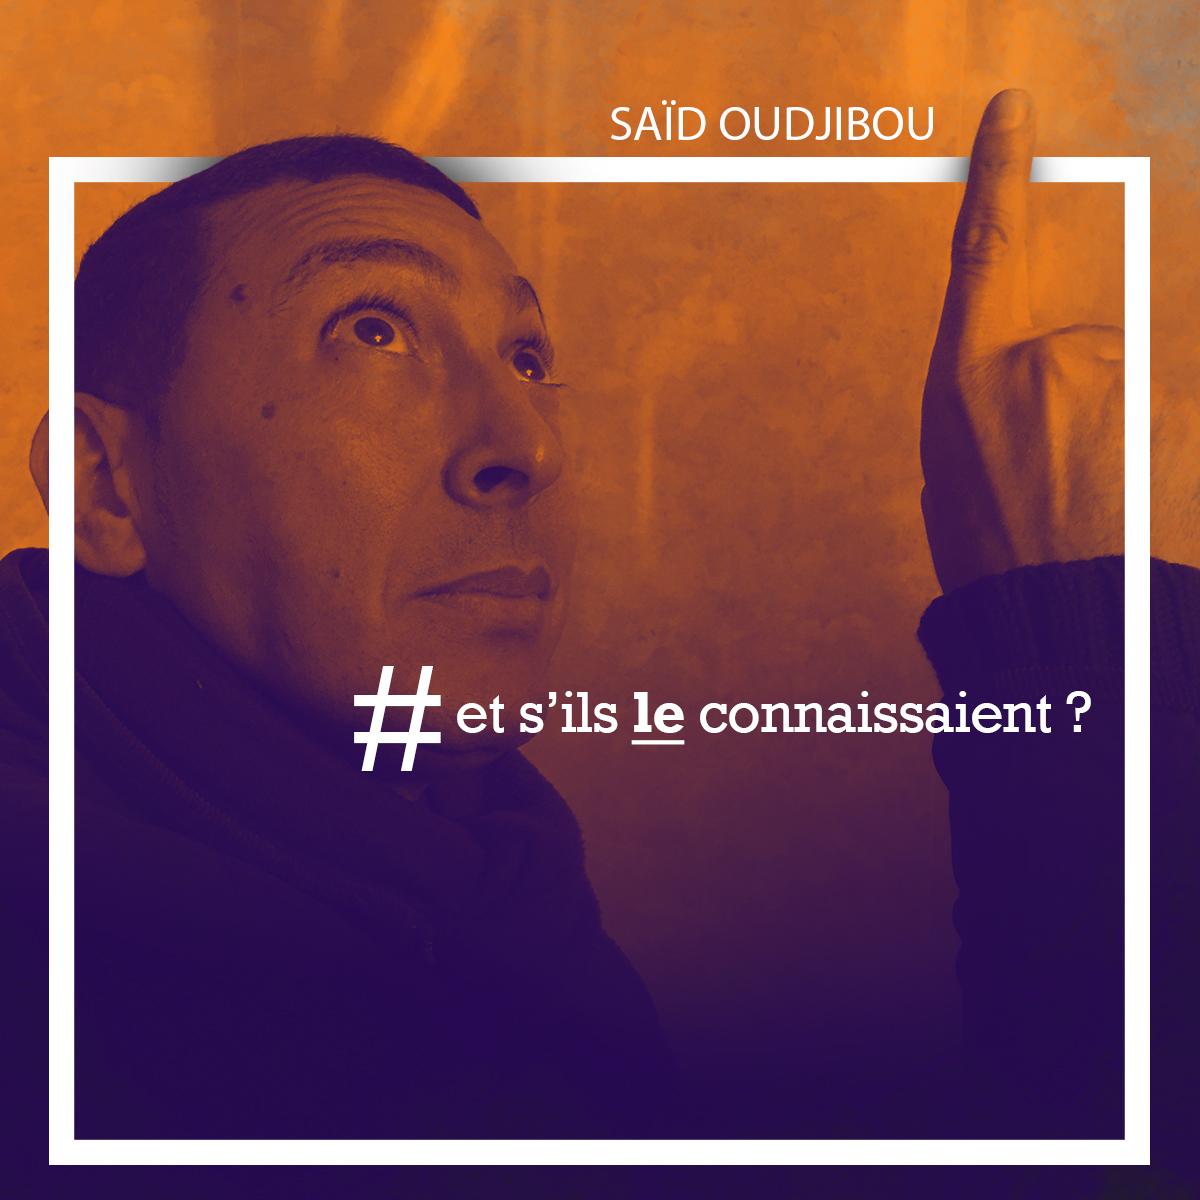 said_oudjibou